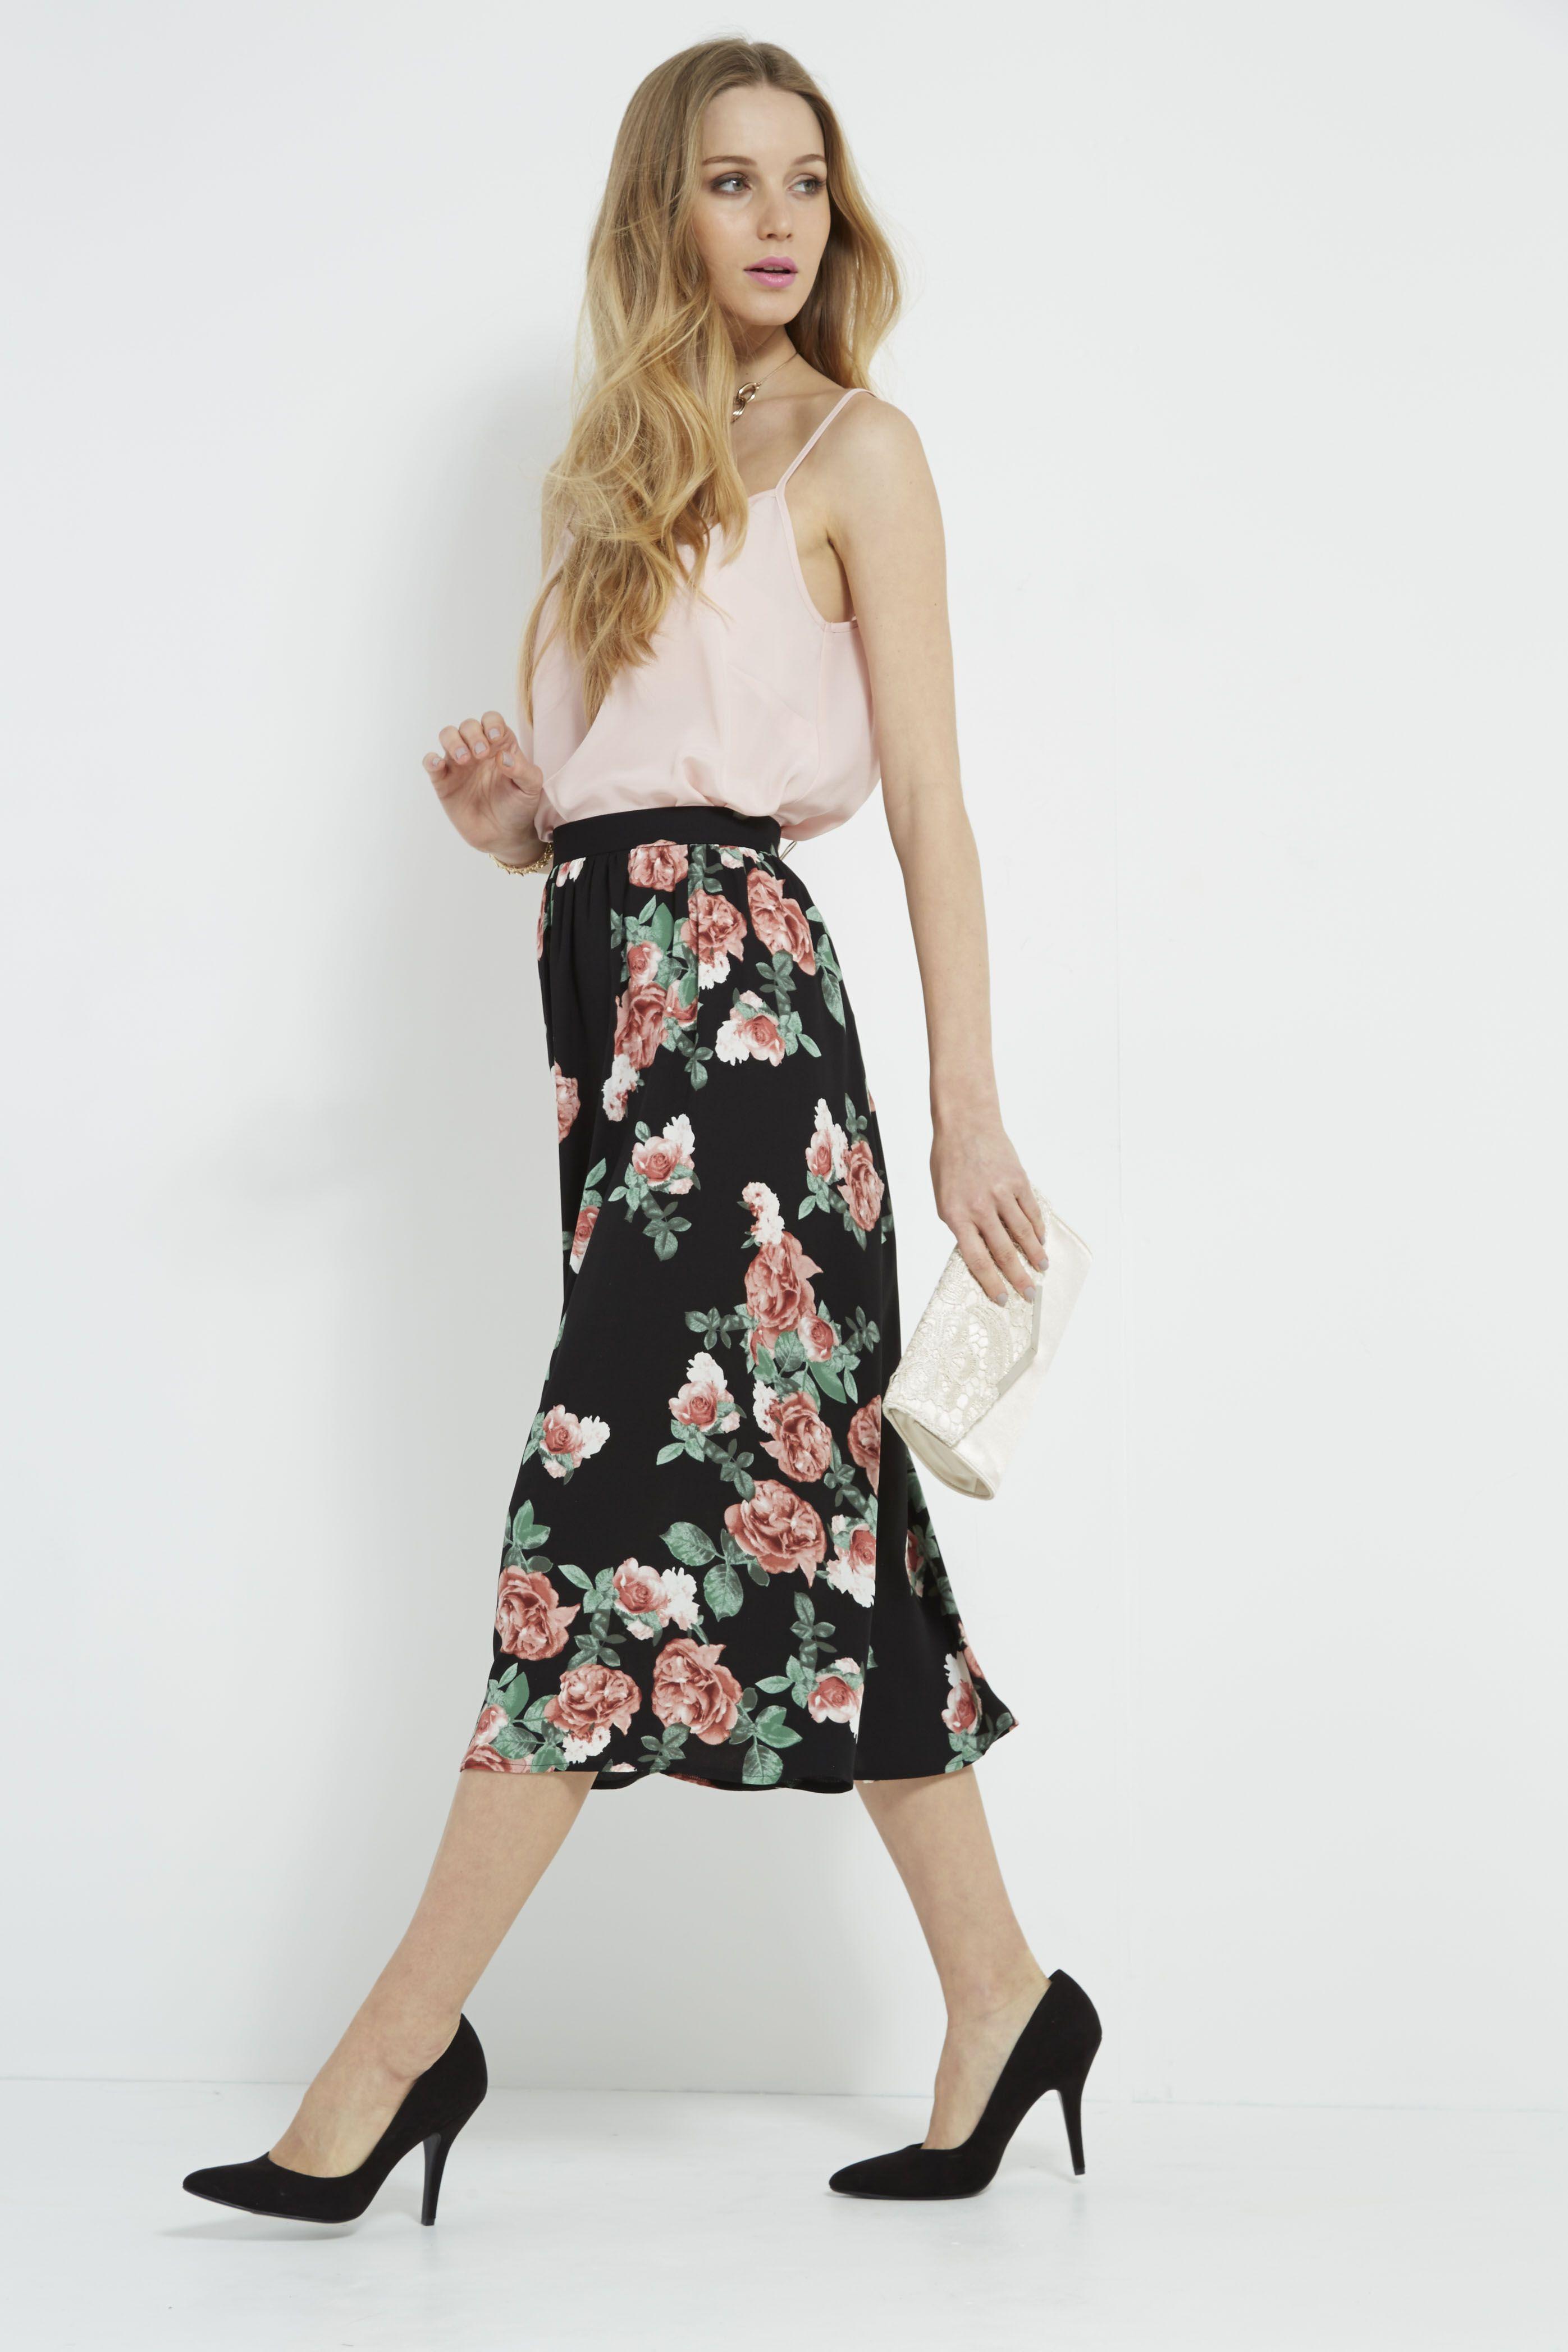 c9a1fec905124 Summer Skirts - Walmart.com